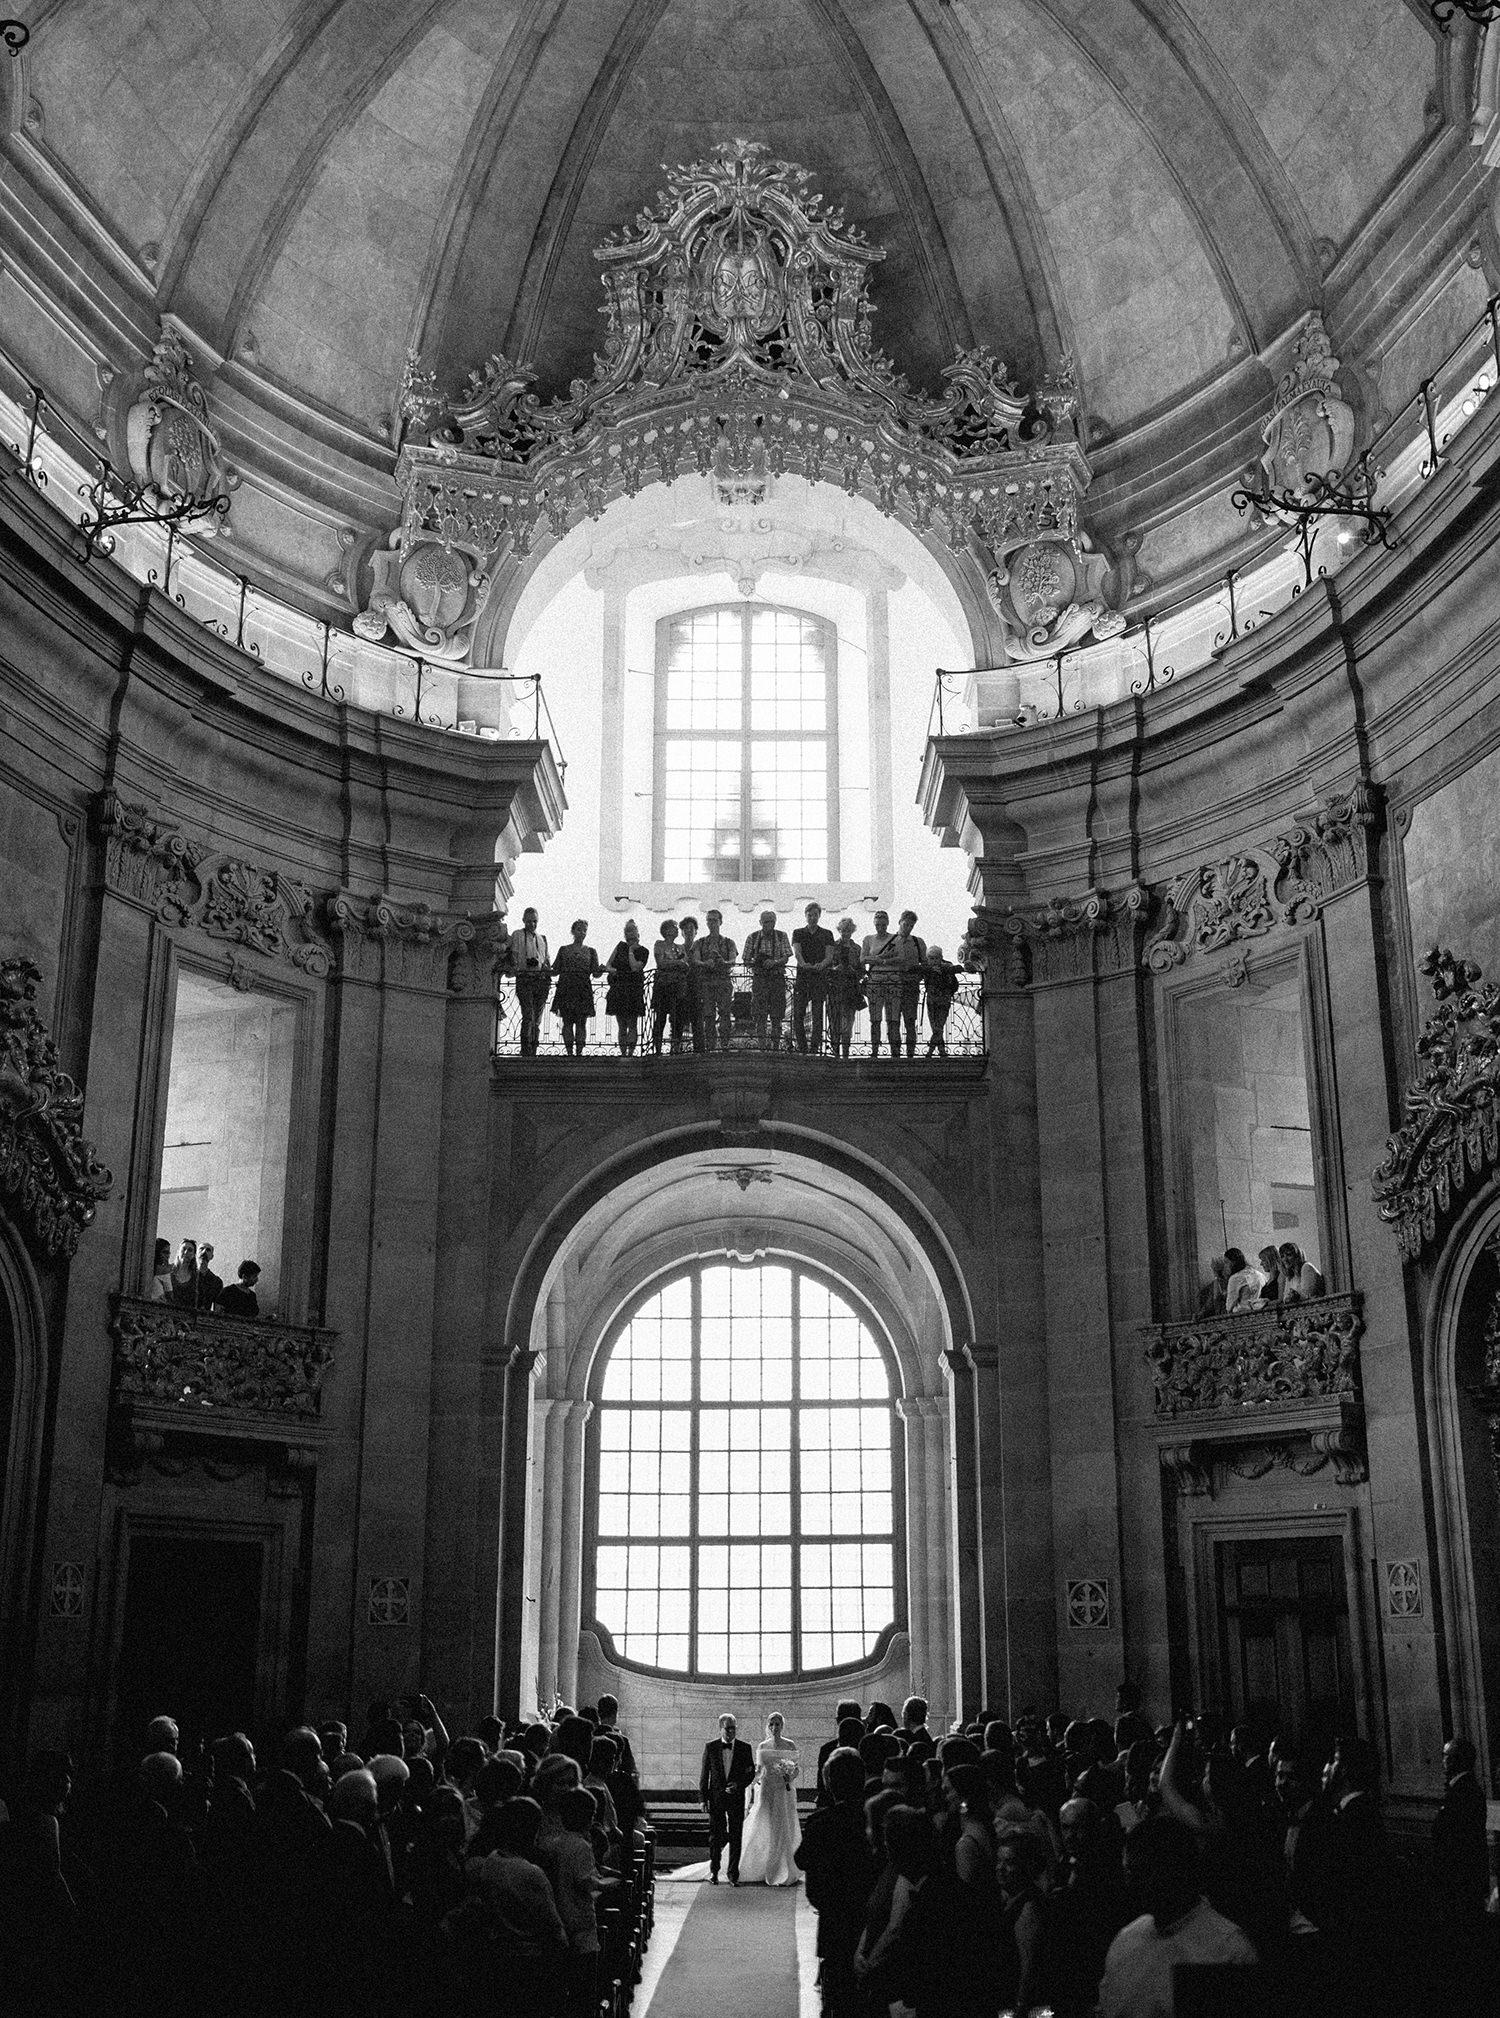 Igreja dos Clérigos where the wedding ceremony took place